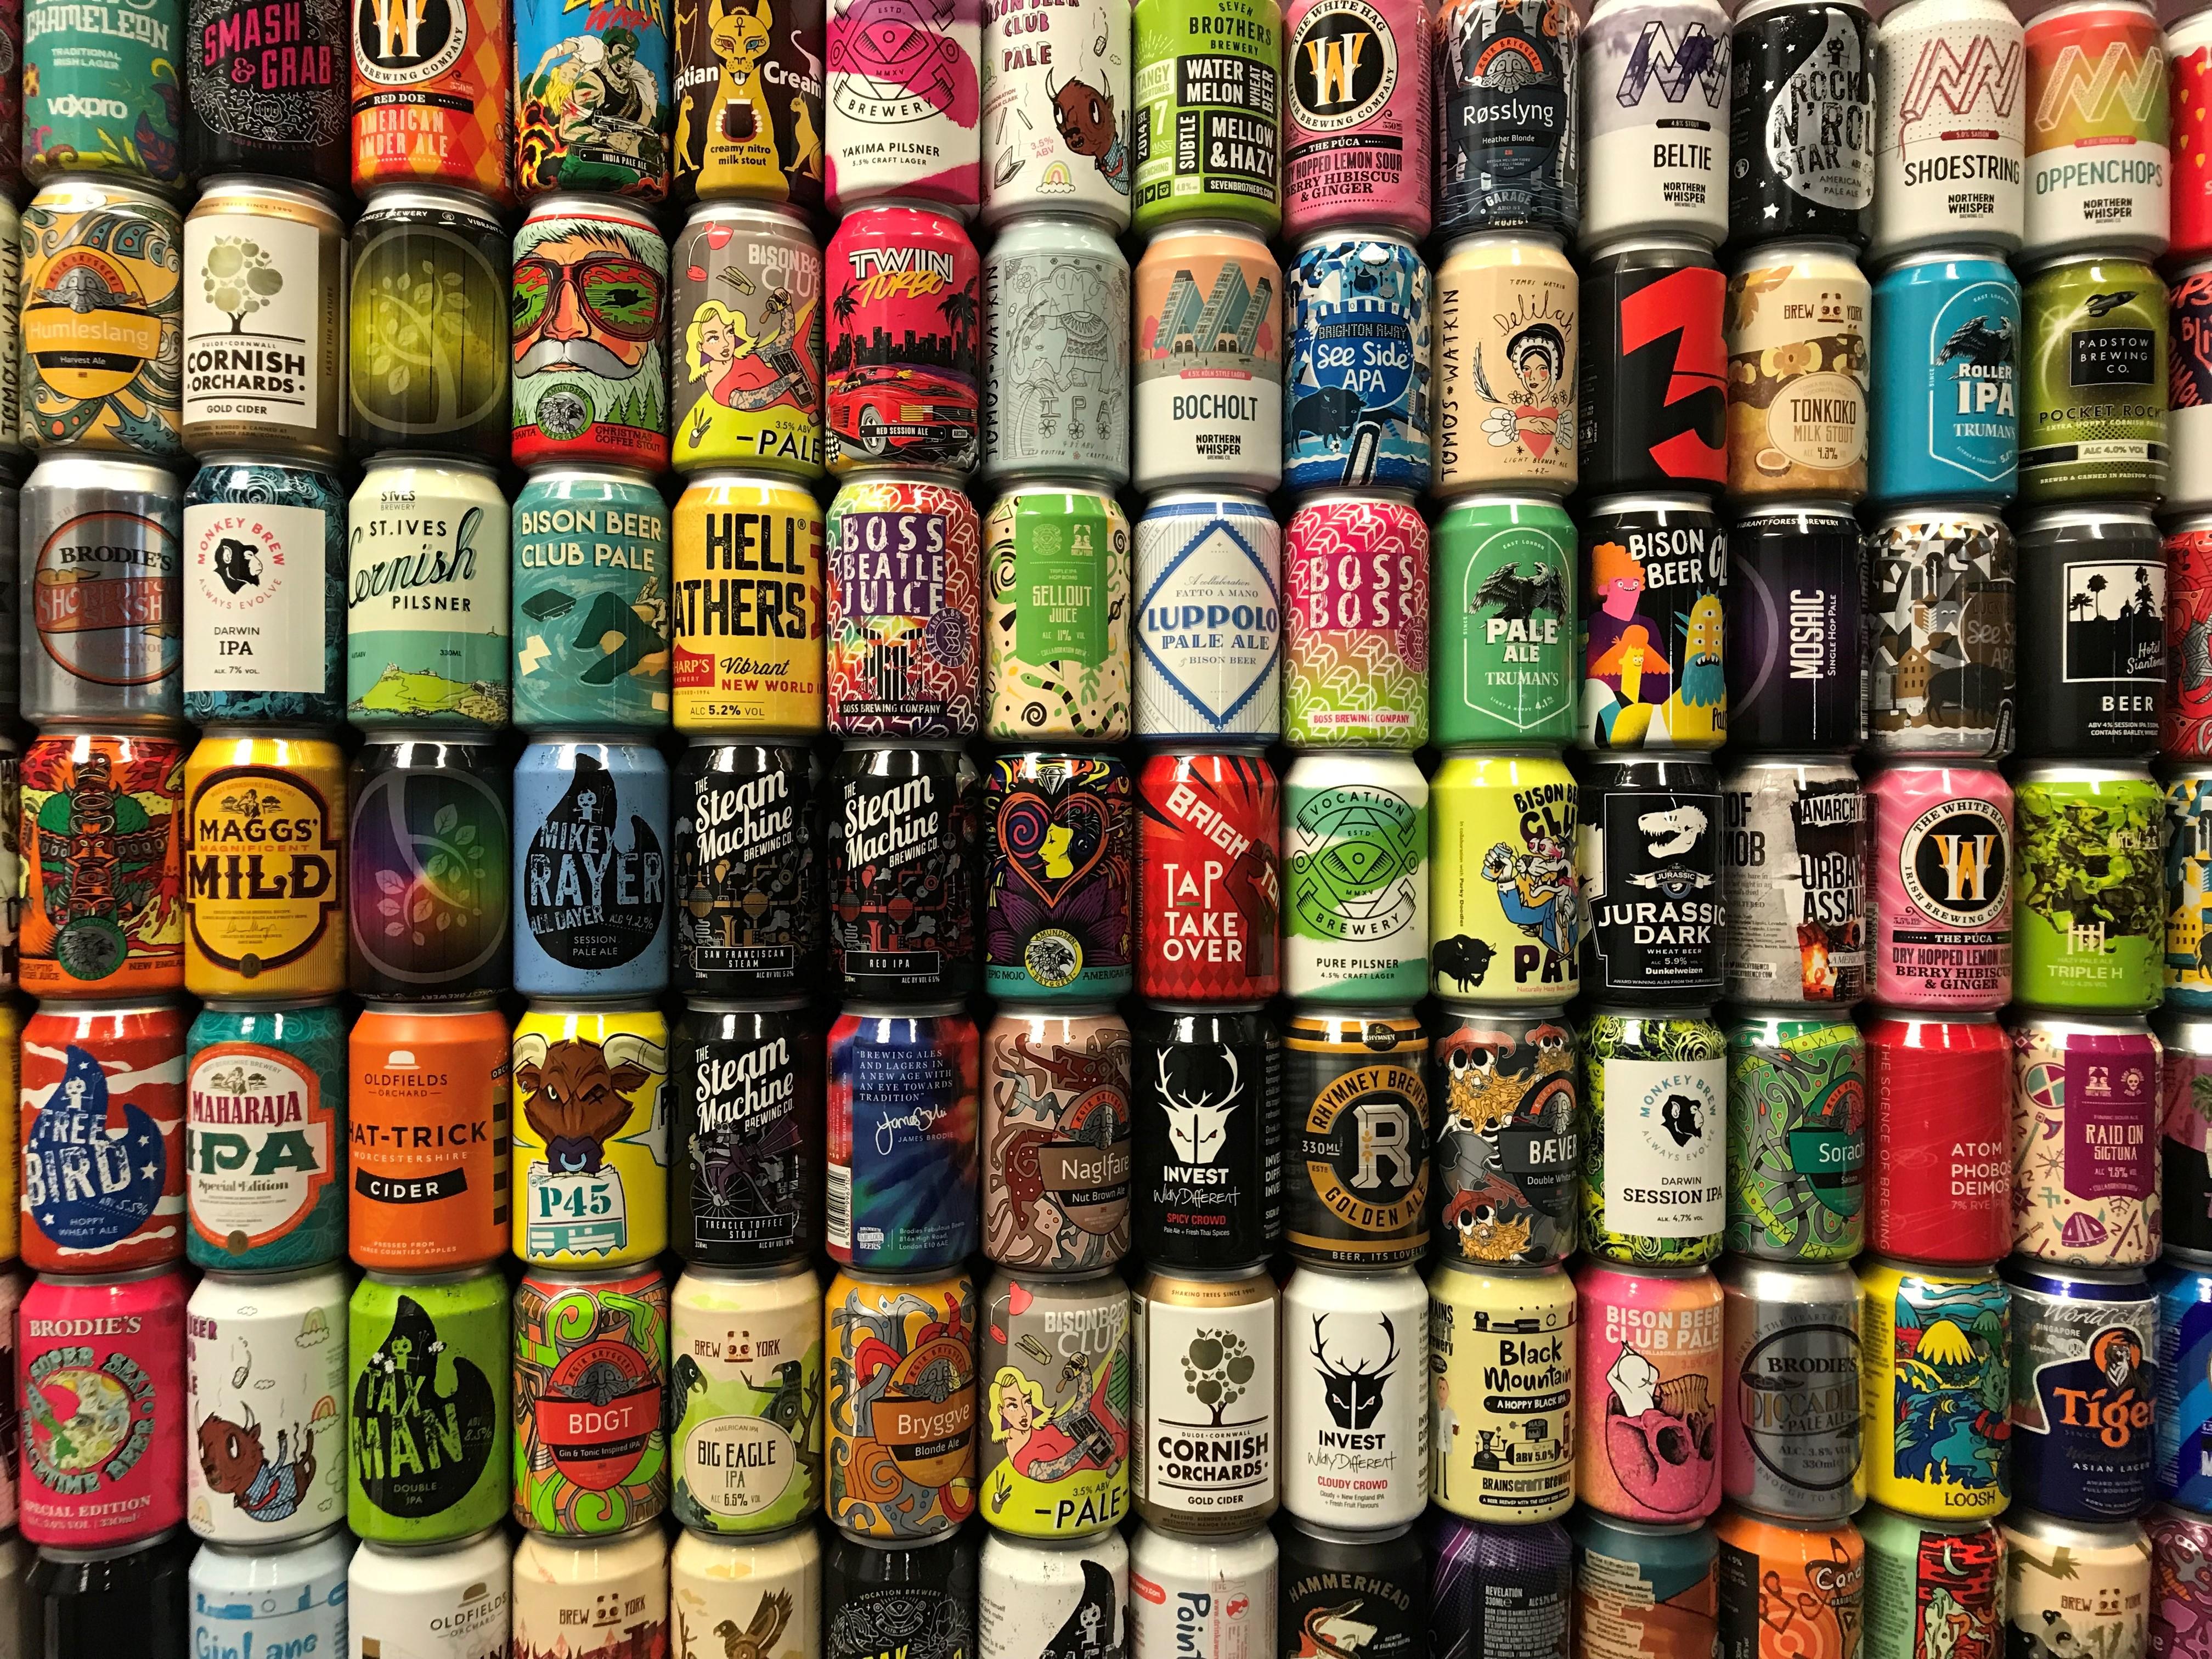 Flexible Pack_360 degree_breweries_shrink sleeve_beer can_blog